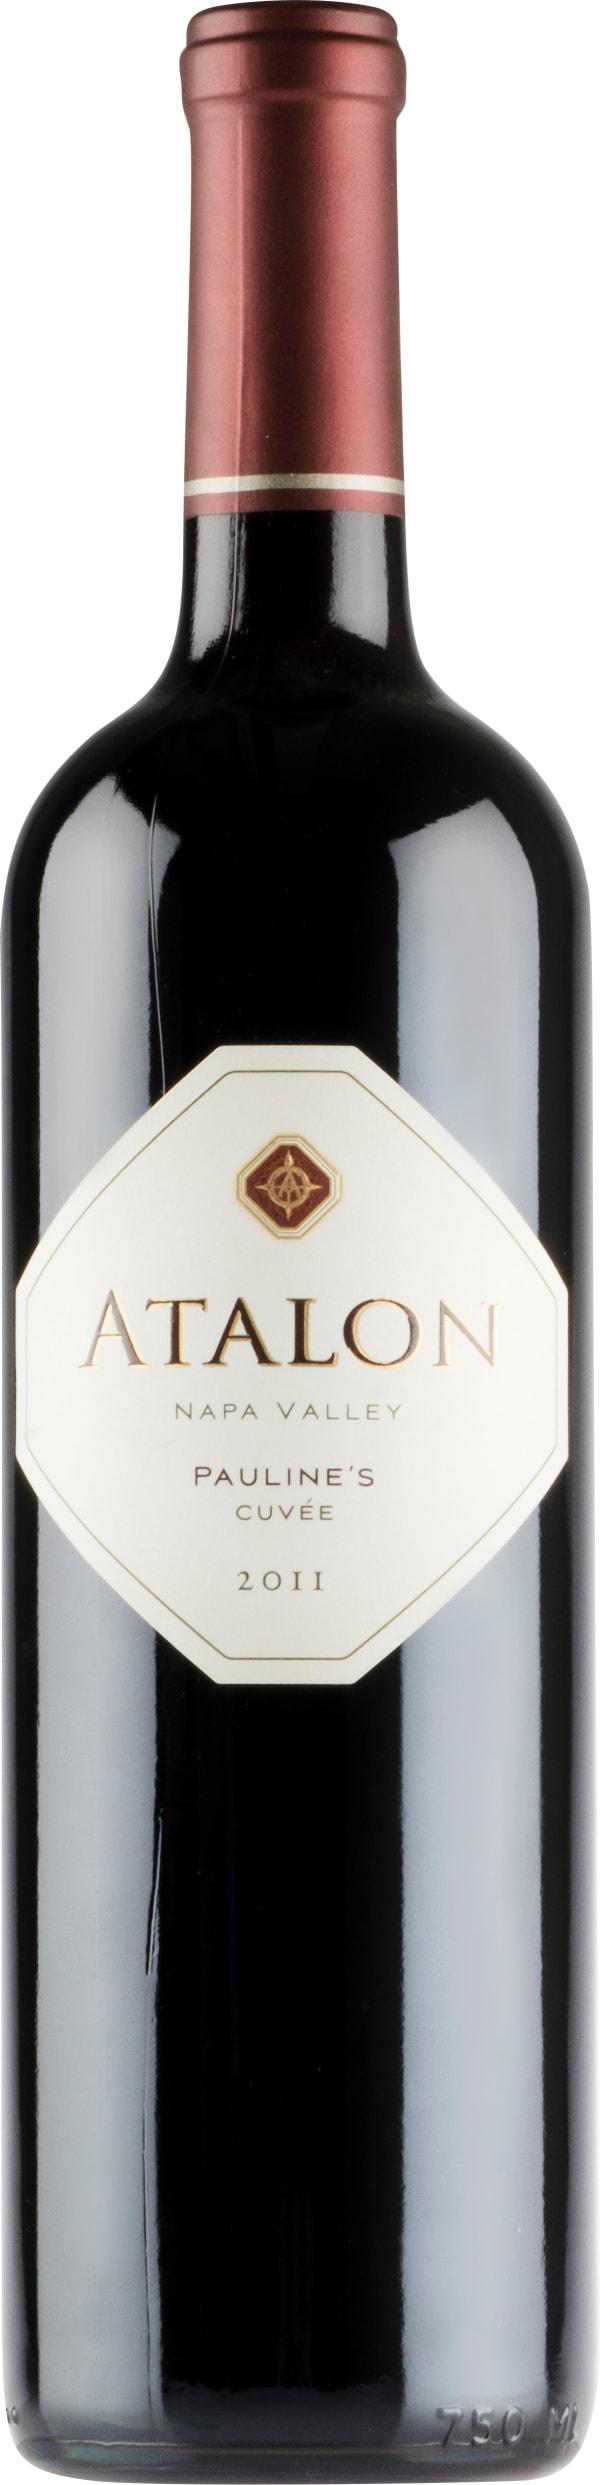 Atalon Pauline's Cuvée 2011